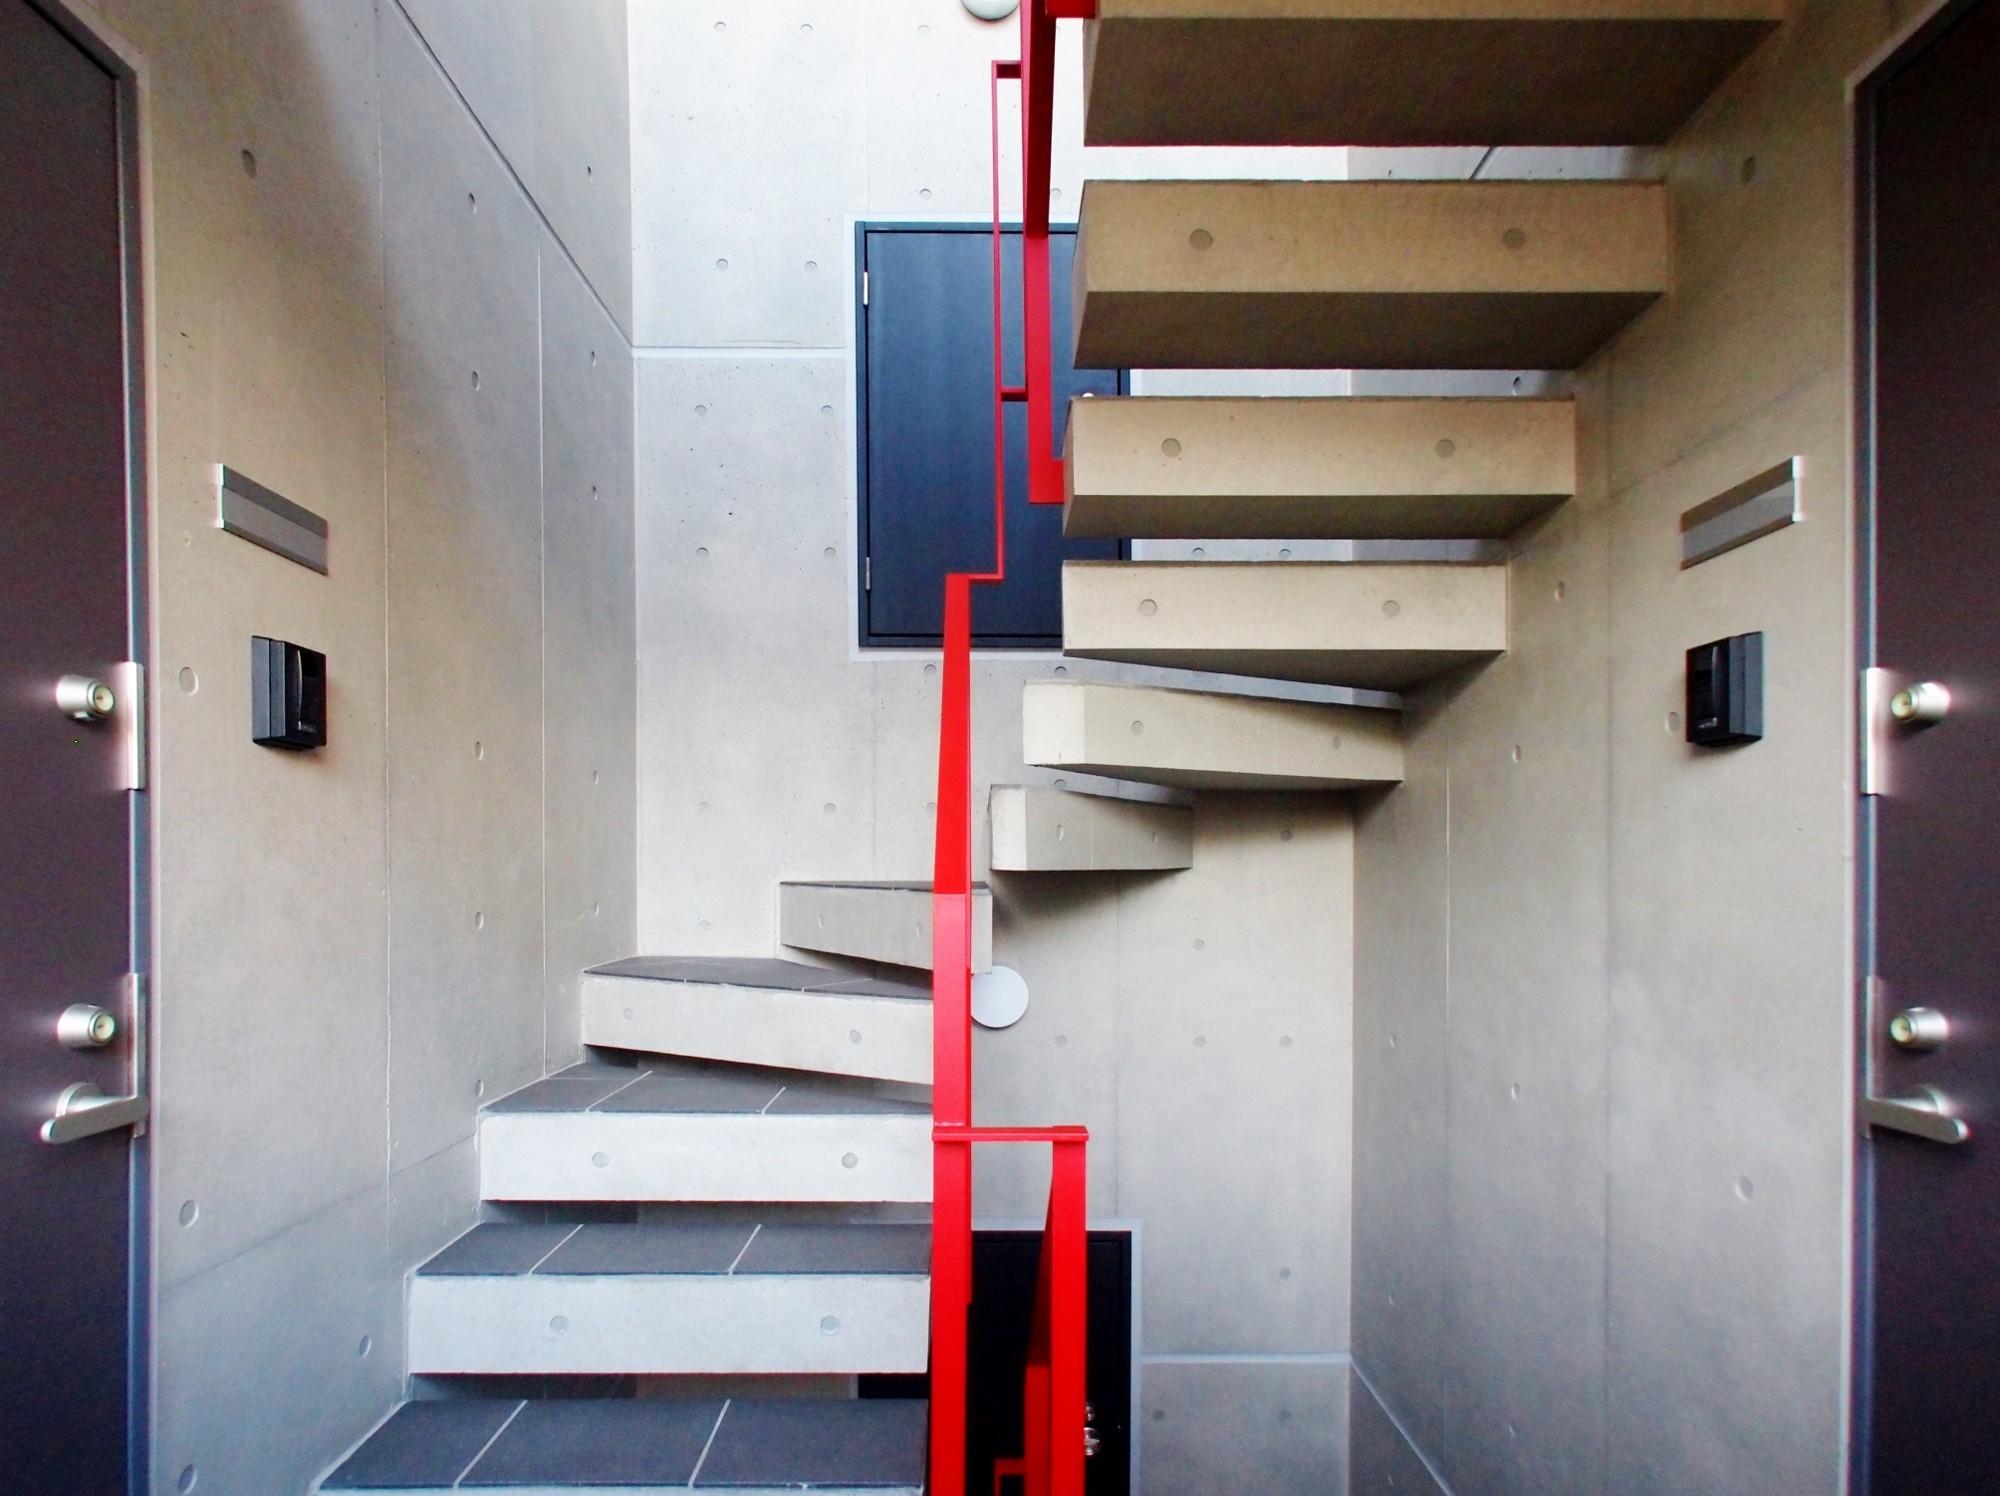 その他事例:階段(東京都北区の共同住宅)